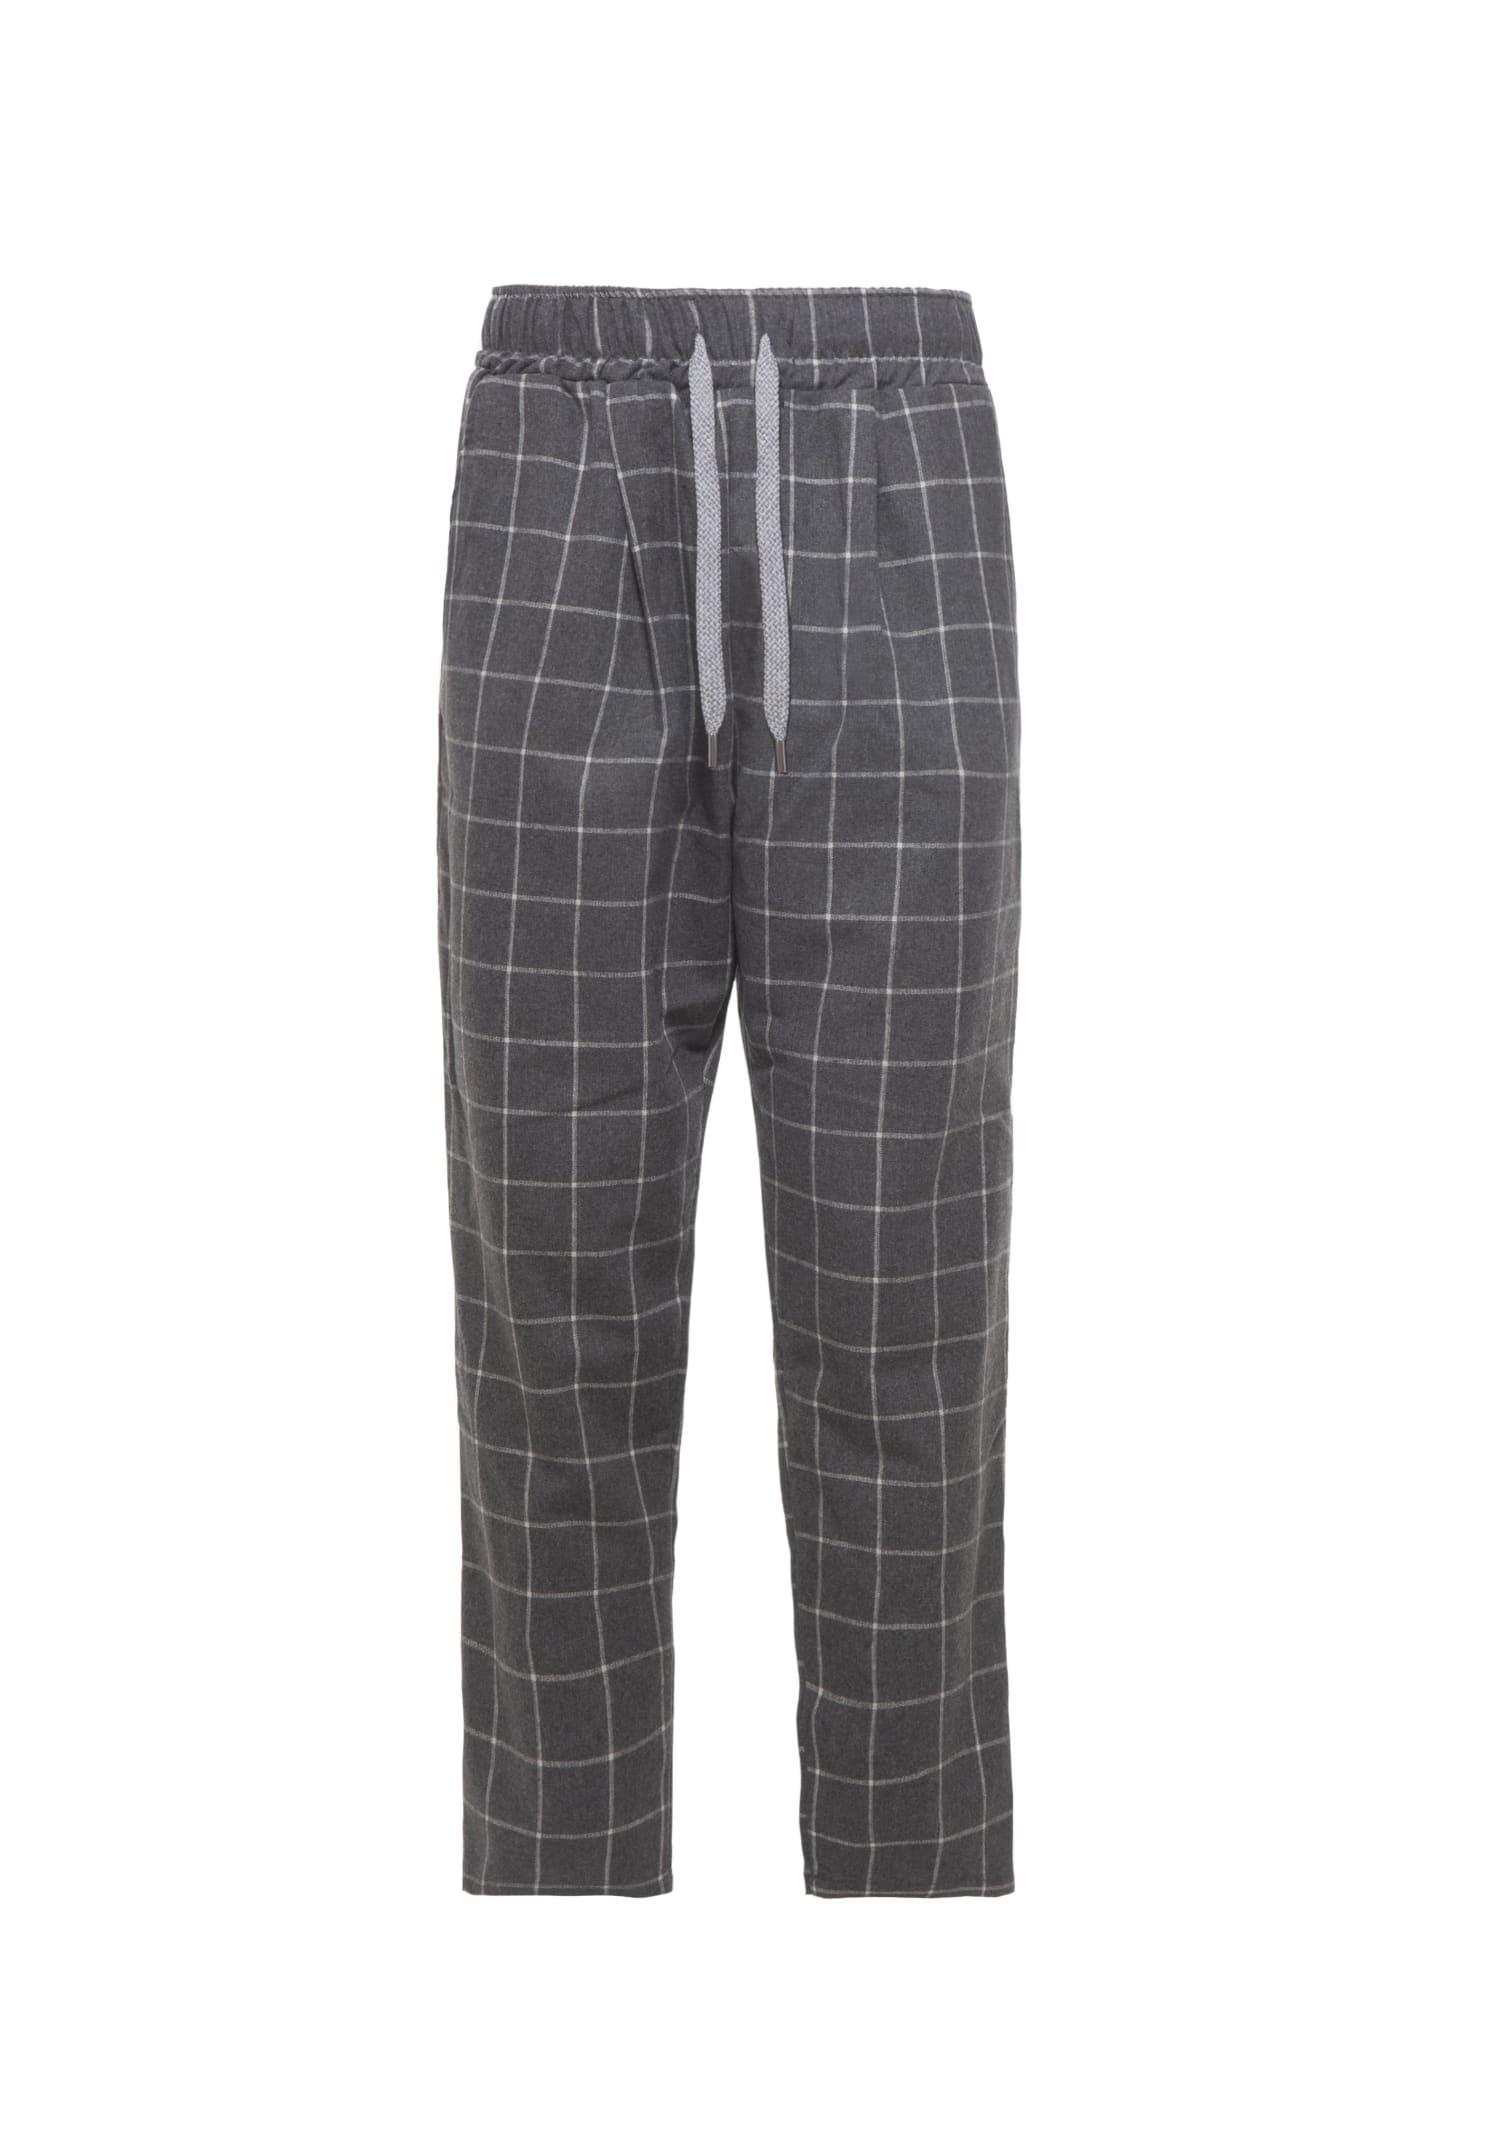 Pants Chino Square Grey